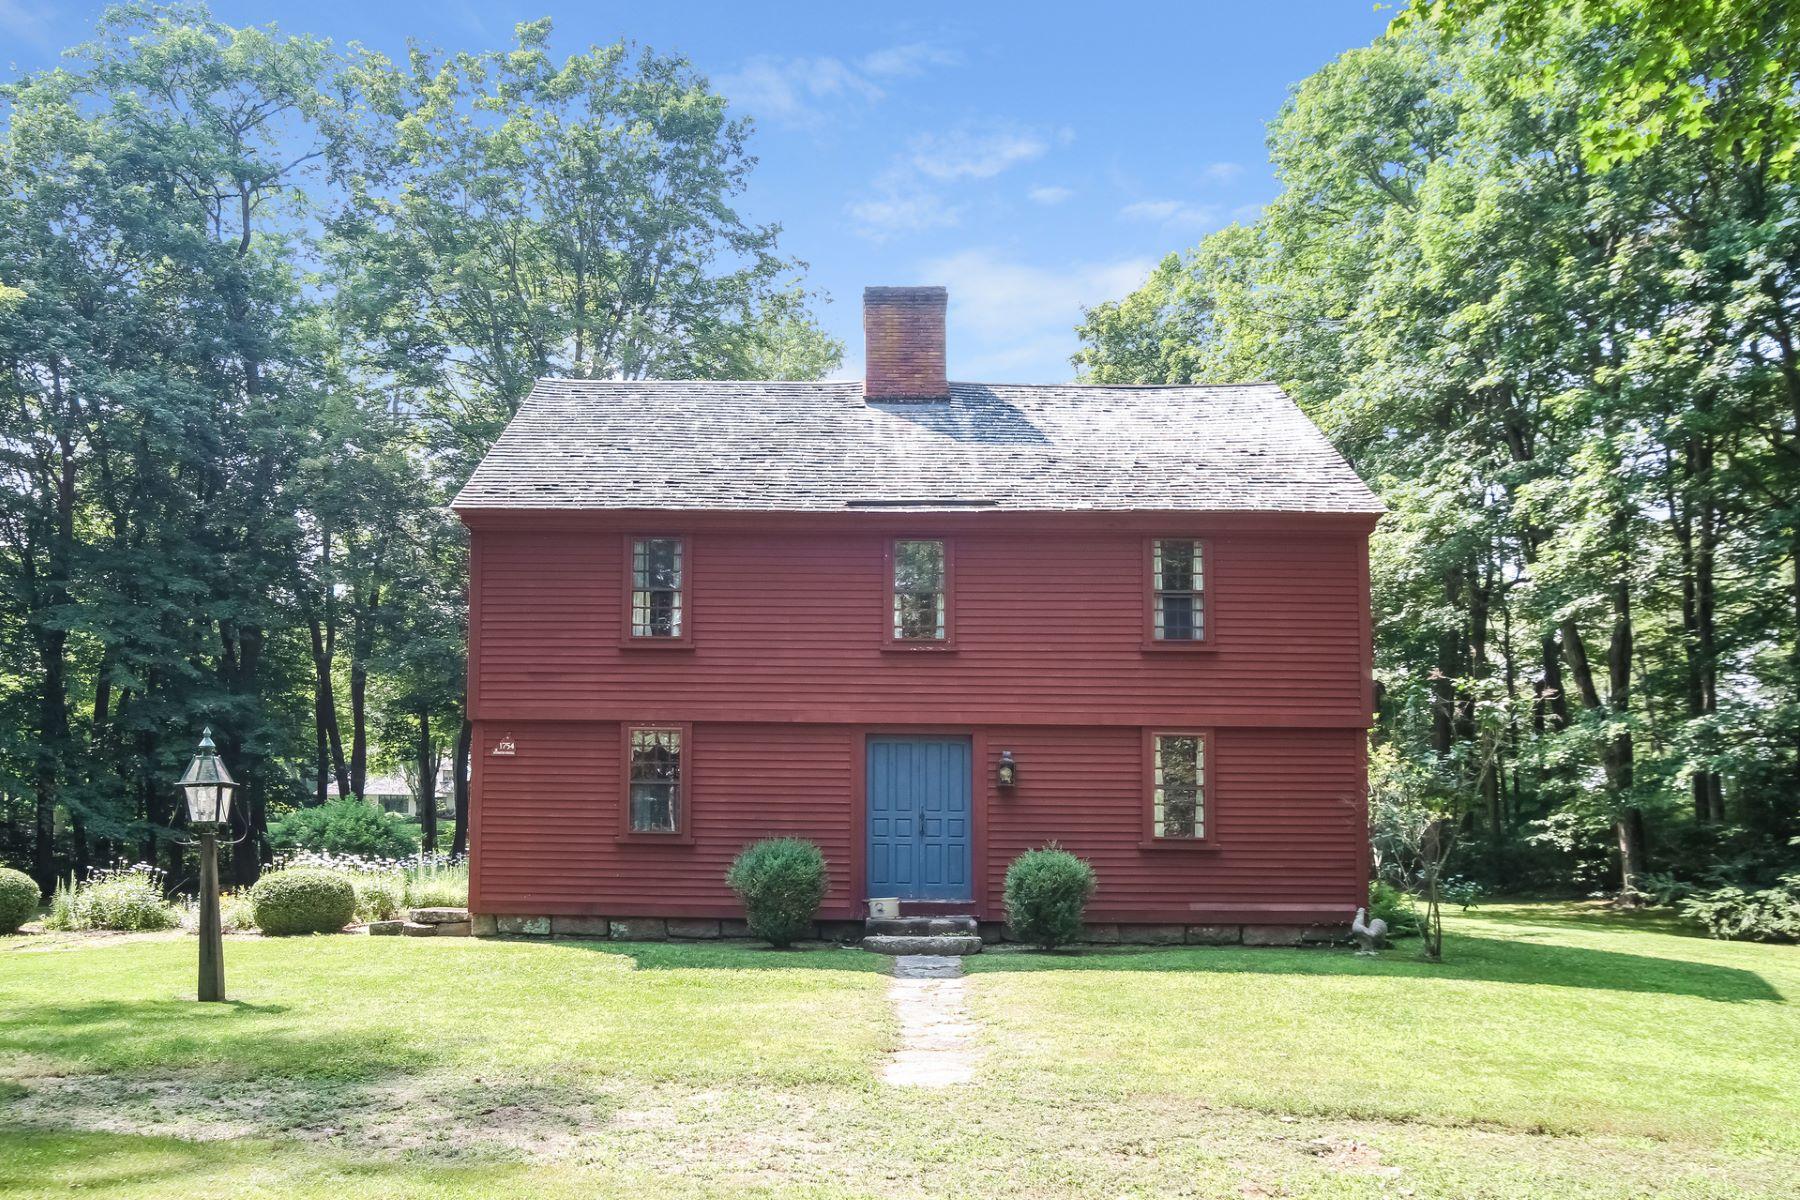 独户住宅 为 销售 在 Antique Charmer 117 Cove Rd 莱姆, 康涅狄格州, 06371 美国